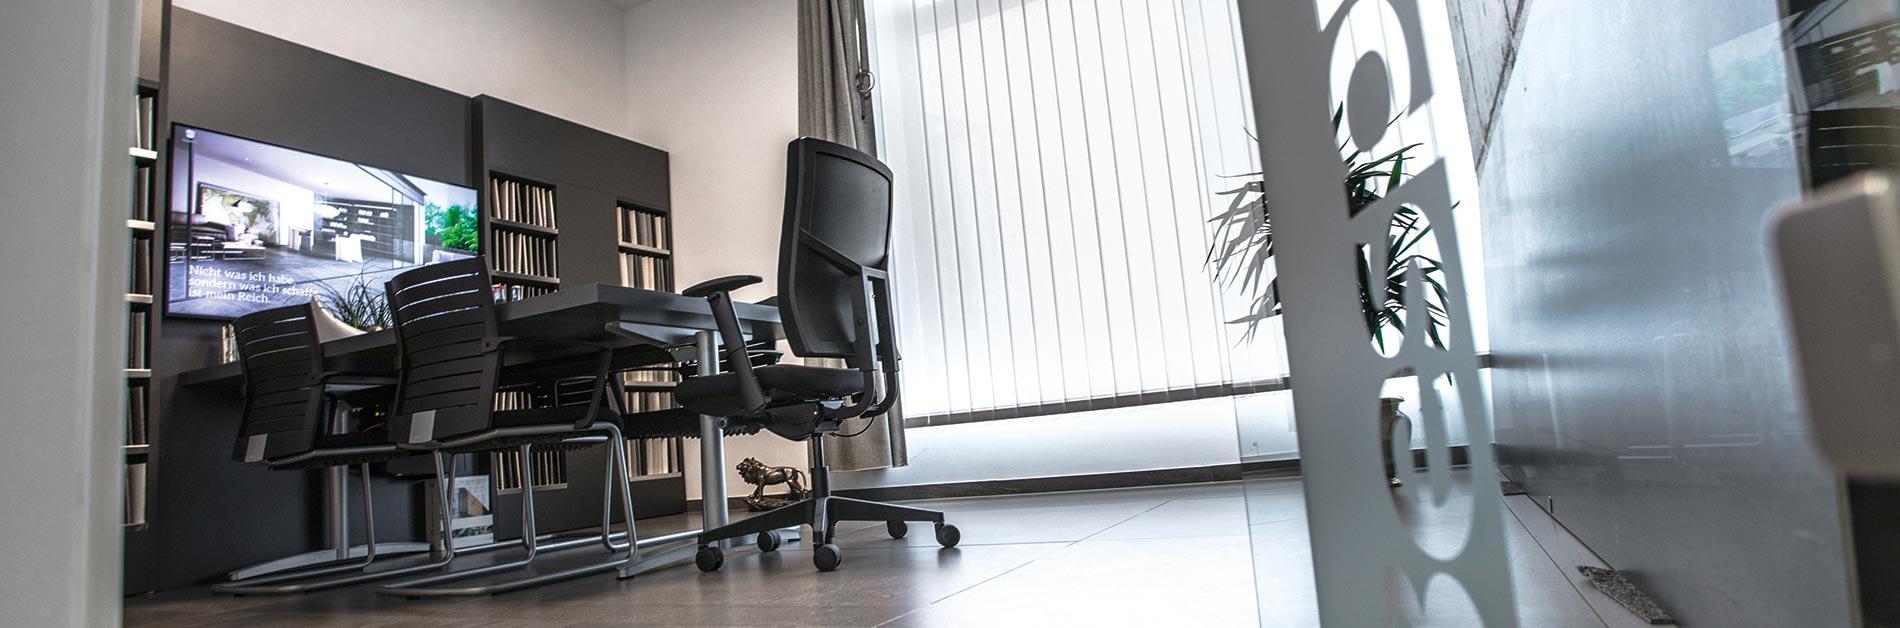 fliesen kaufen in attendorn kampschulte und avci. Black Bedroom Furniture Sets. Home Design Ideas